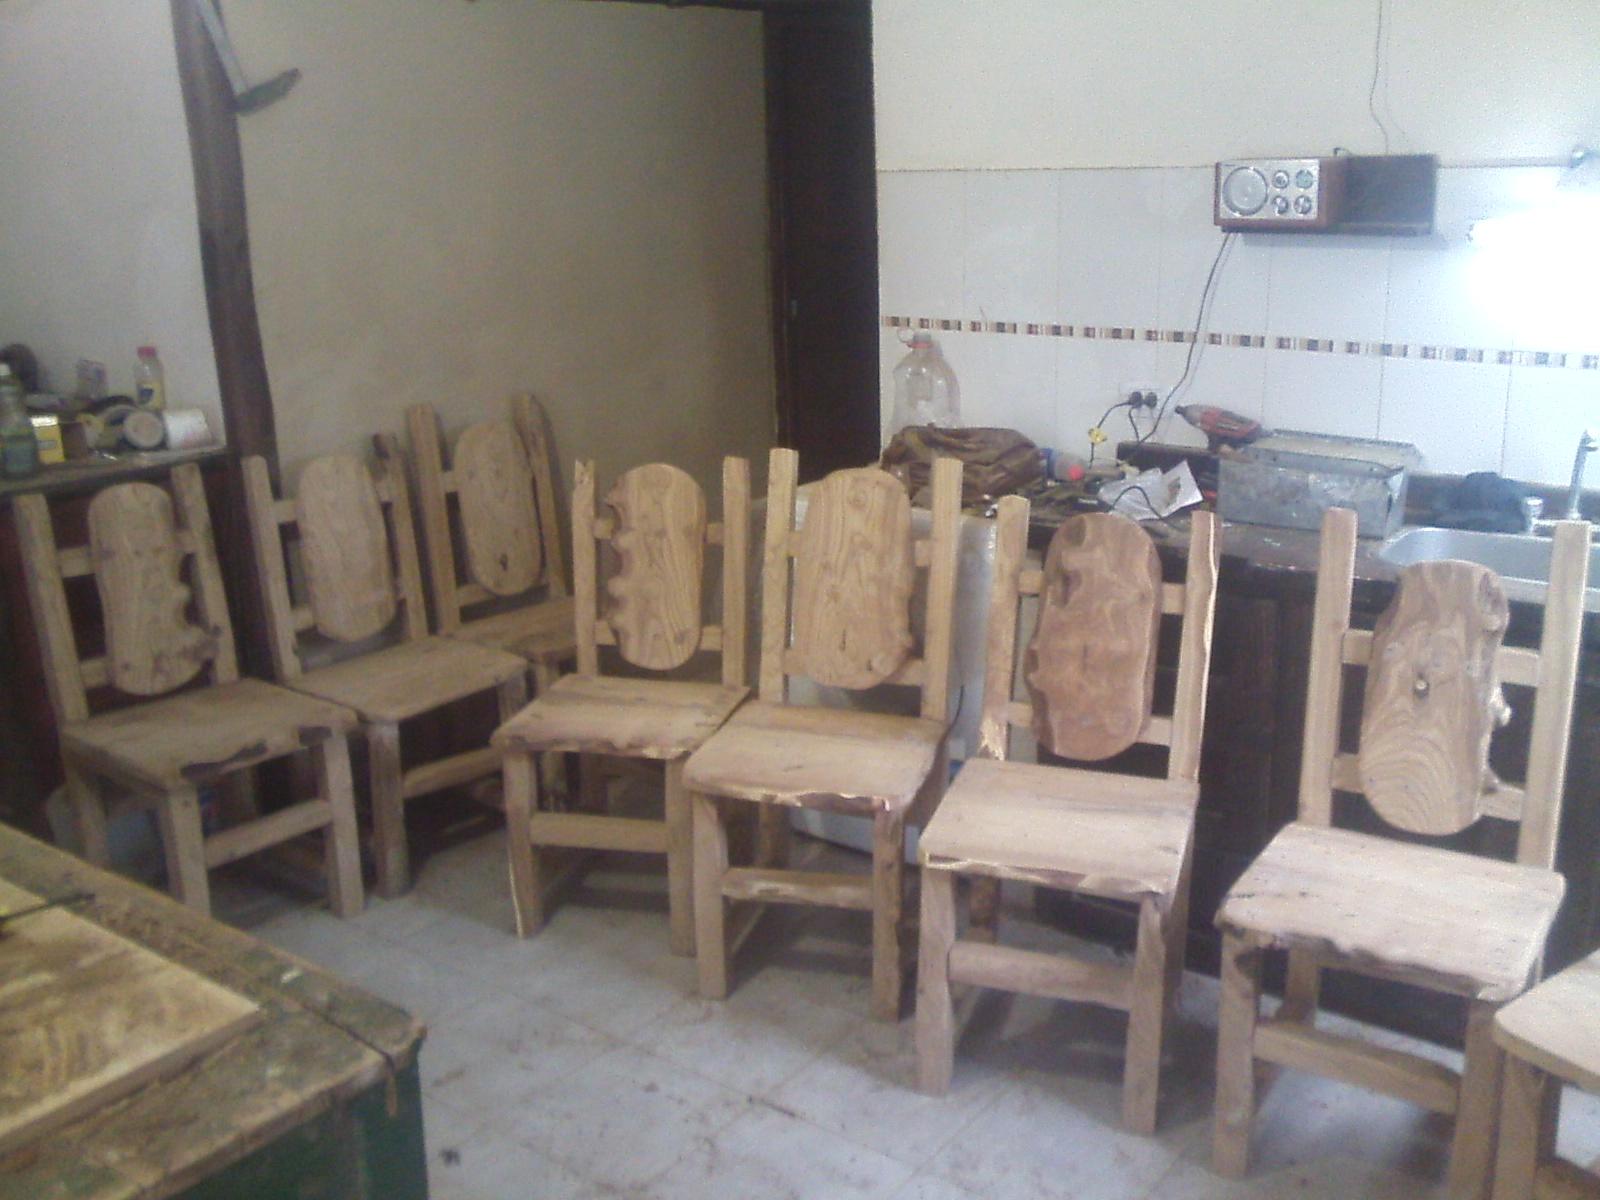 Arte rustika muebles rusticos artesanales juegos de comedor for Muebles de comedor rusticos